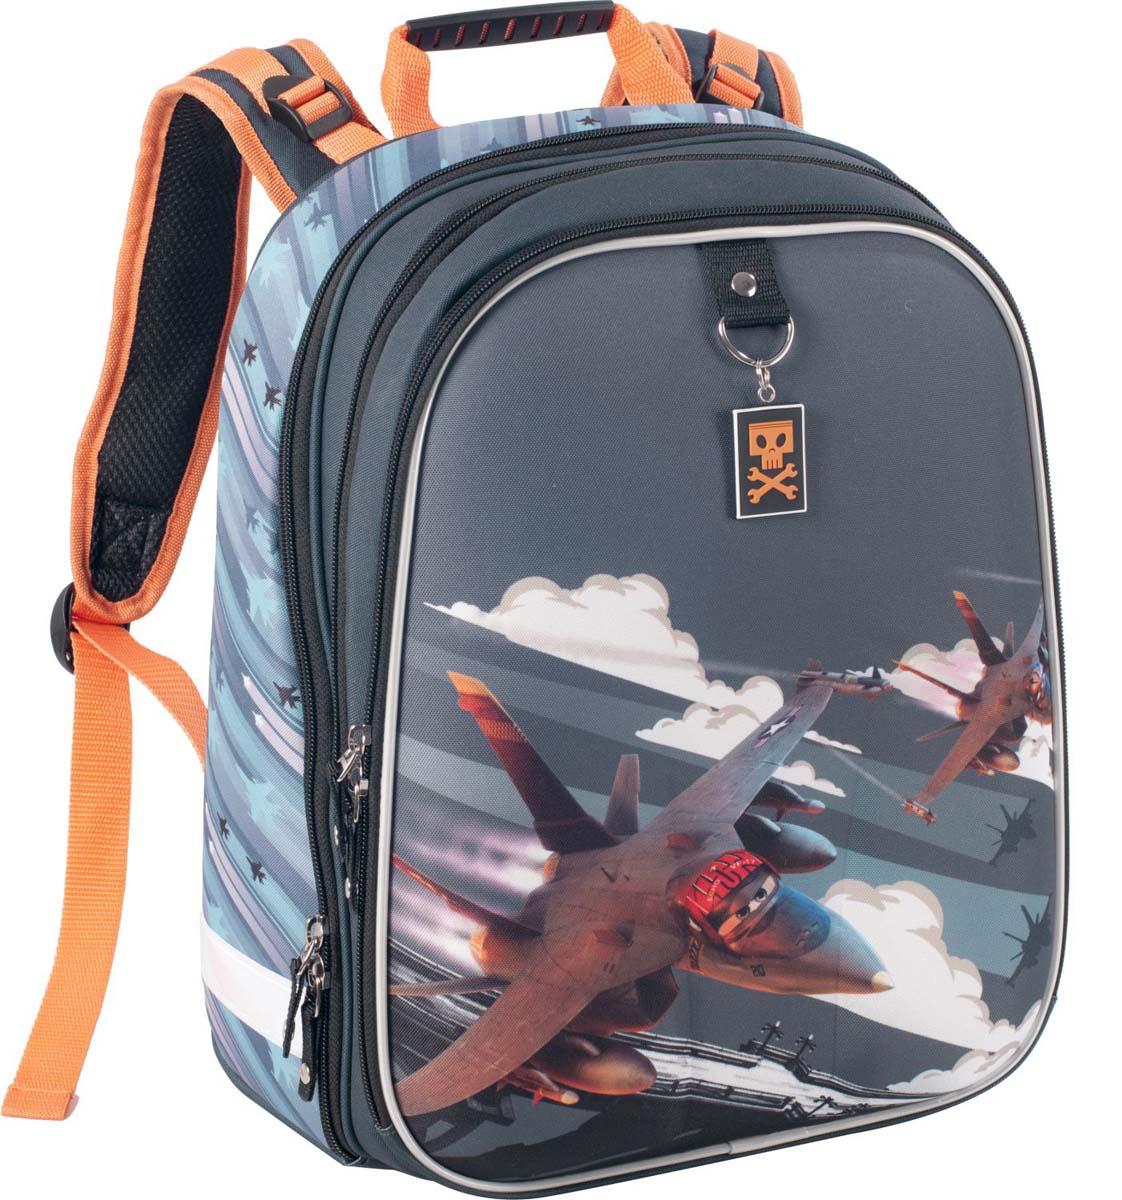 Disney Рюкзак детский Flying Planes Com Style рюкзак с эргономичной спинкой flying planes модель com style erich krause